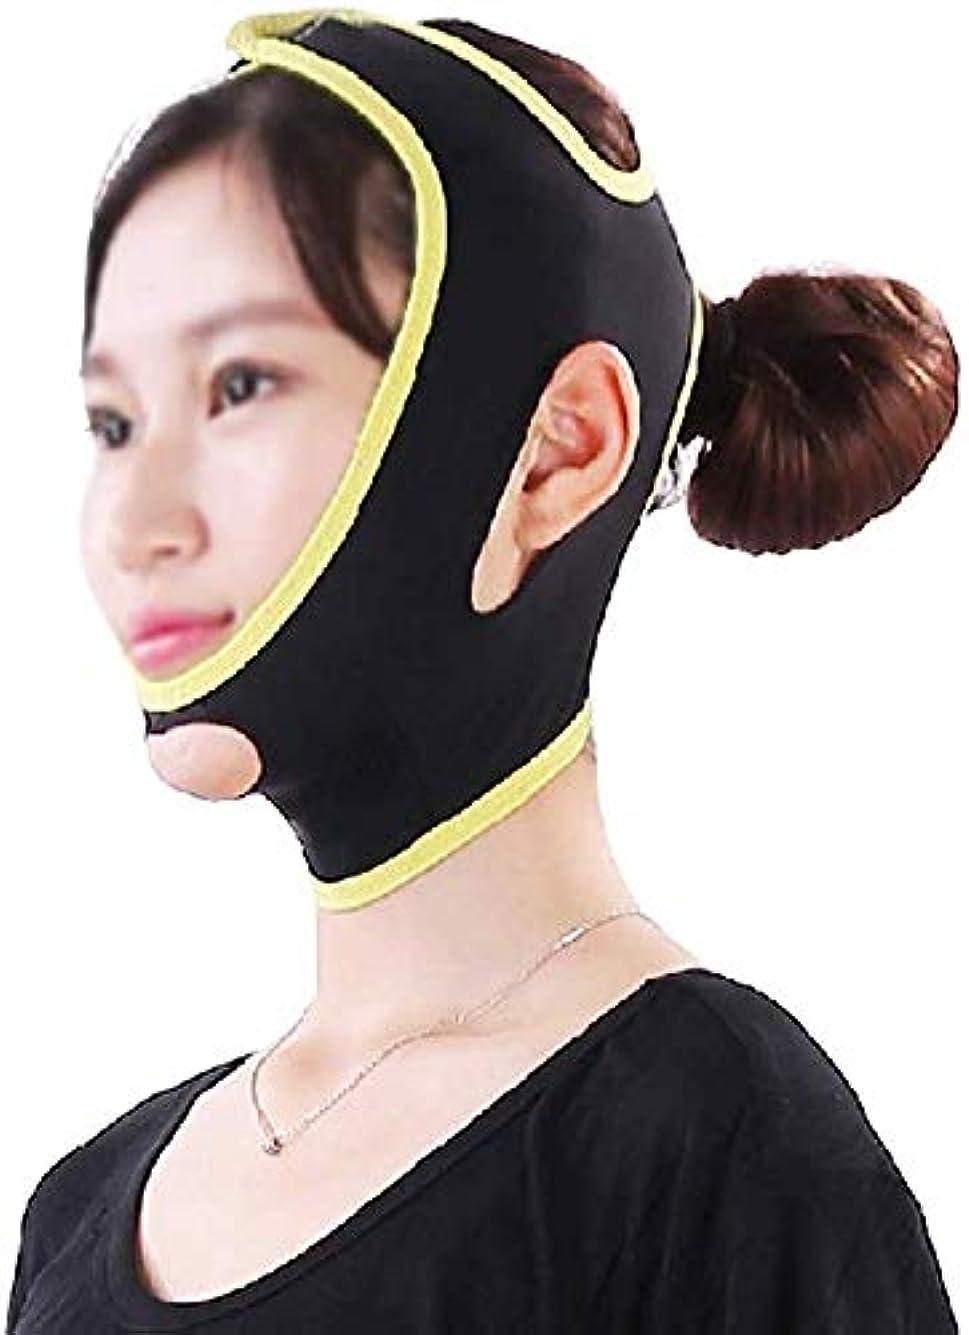 センサー恒久的うるさいVフェイスマスク、顔と首のリフトをスリミング、Vフェイスマスクは顔の輪郭を強化して、顎の超弾性包帯を固める咬筋を緩和します(サイズ:M)